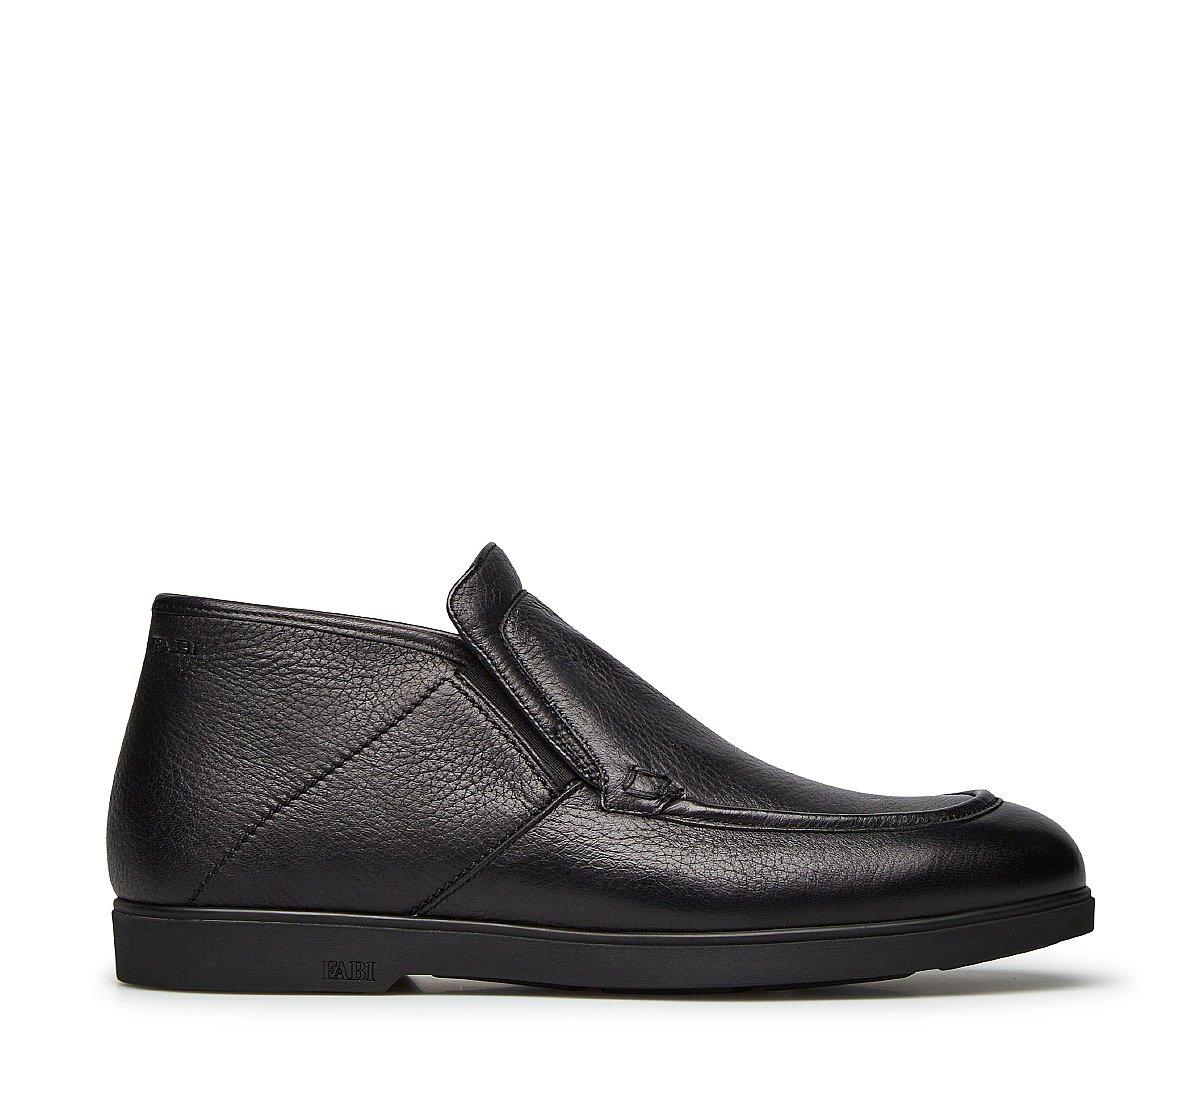 Fabi Flex ankle boots in fine deerskin